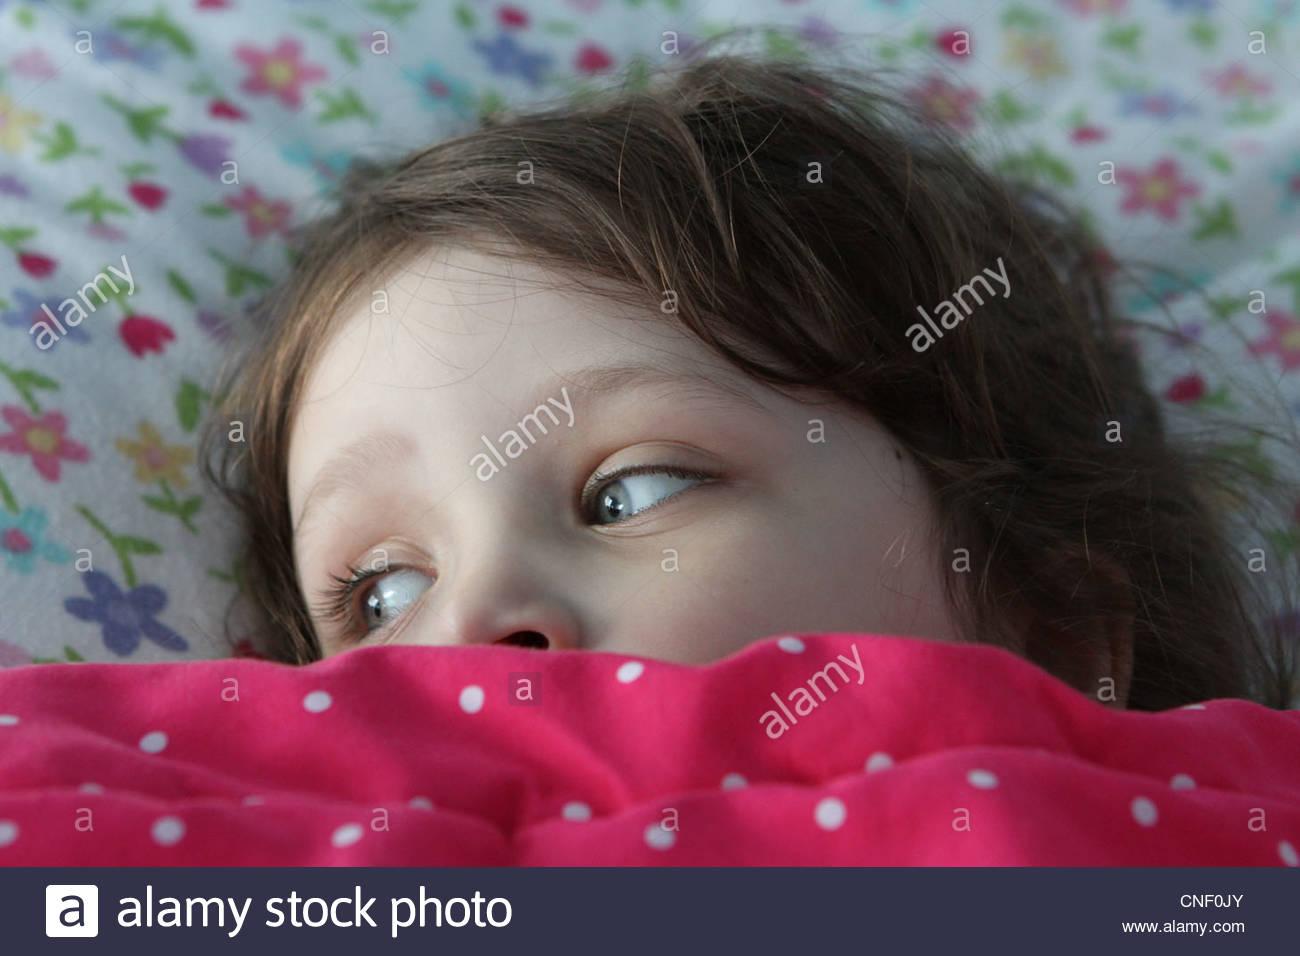 Ein kleines Kind im Bett mit decken bis zu Augen gezogen. Stockfoto